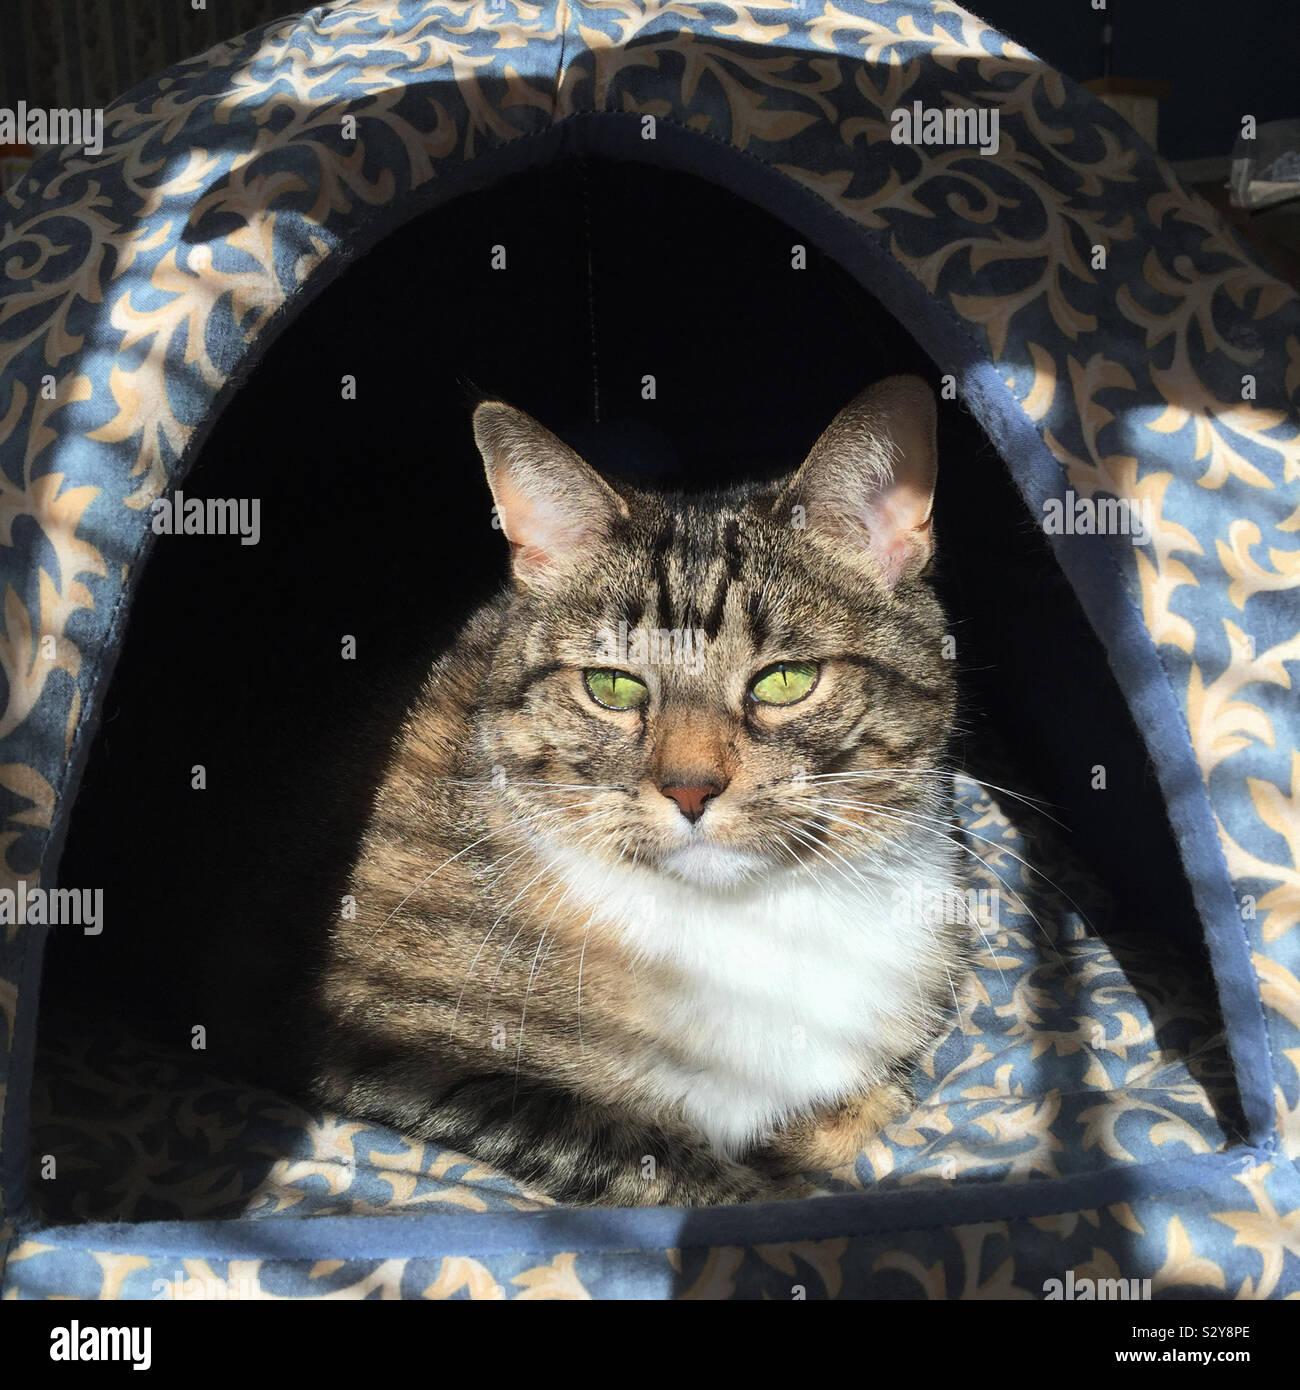 Un shorthaired tabby cat è rilassante in un letto di kitty mentre godendo la luminosa luce del sole caldo lo streaming attraverso la finestra nelle vicinanze. Foto Stock